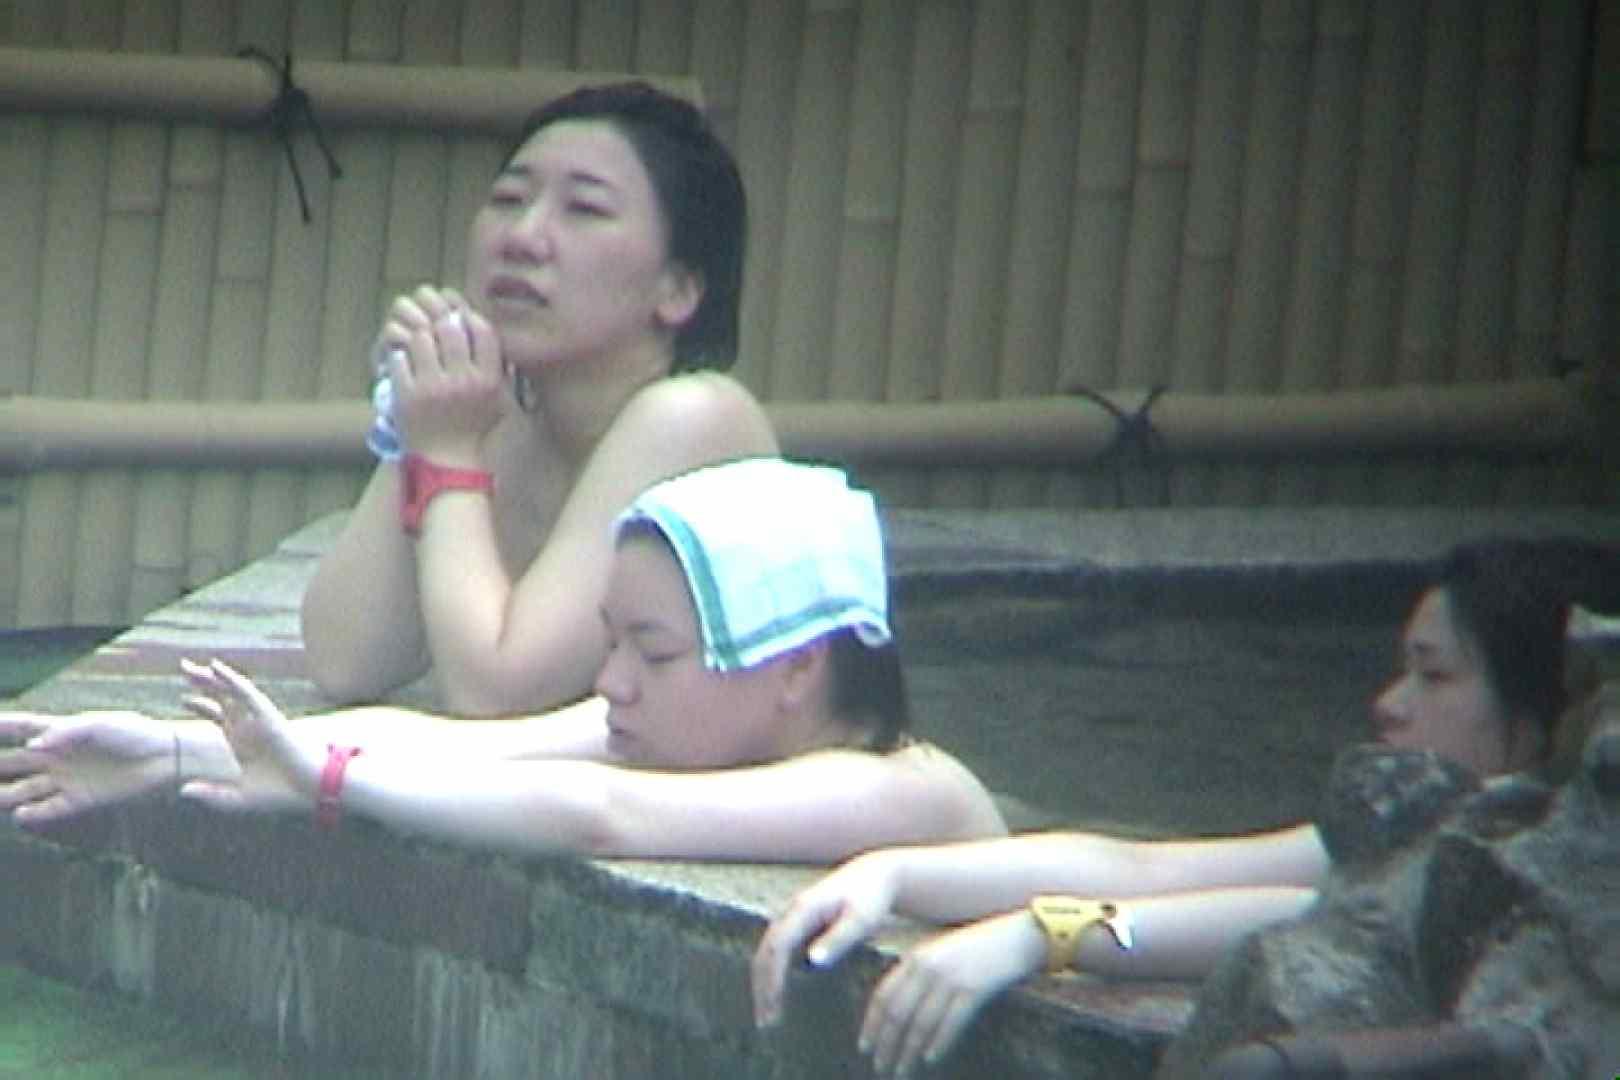 Aquaな露天風呂Vol.107 露天  63画像 6